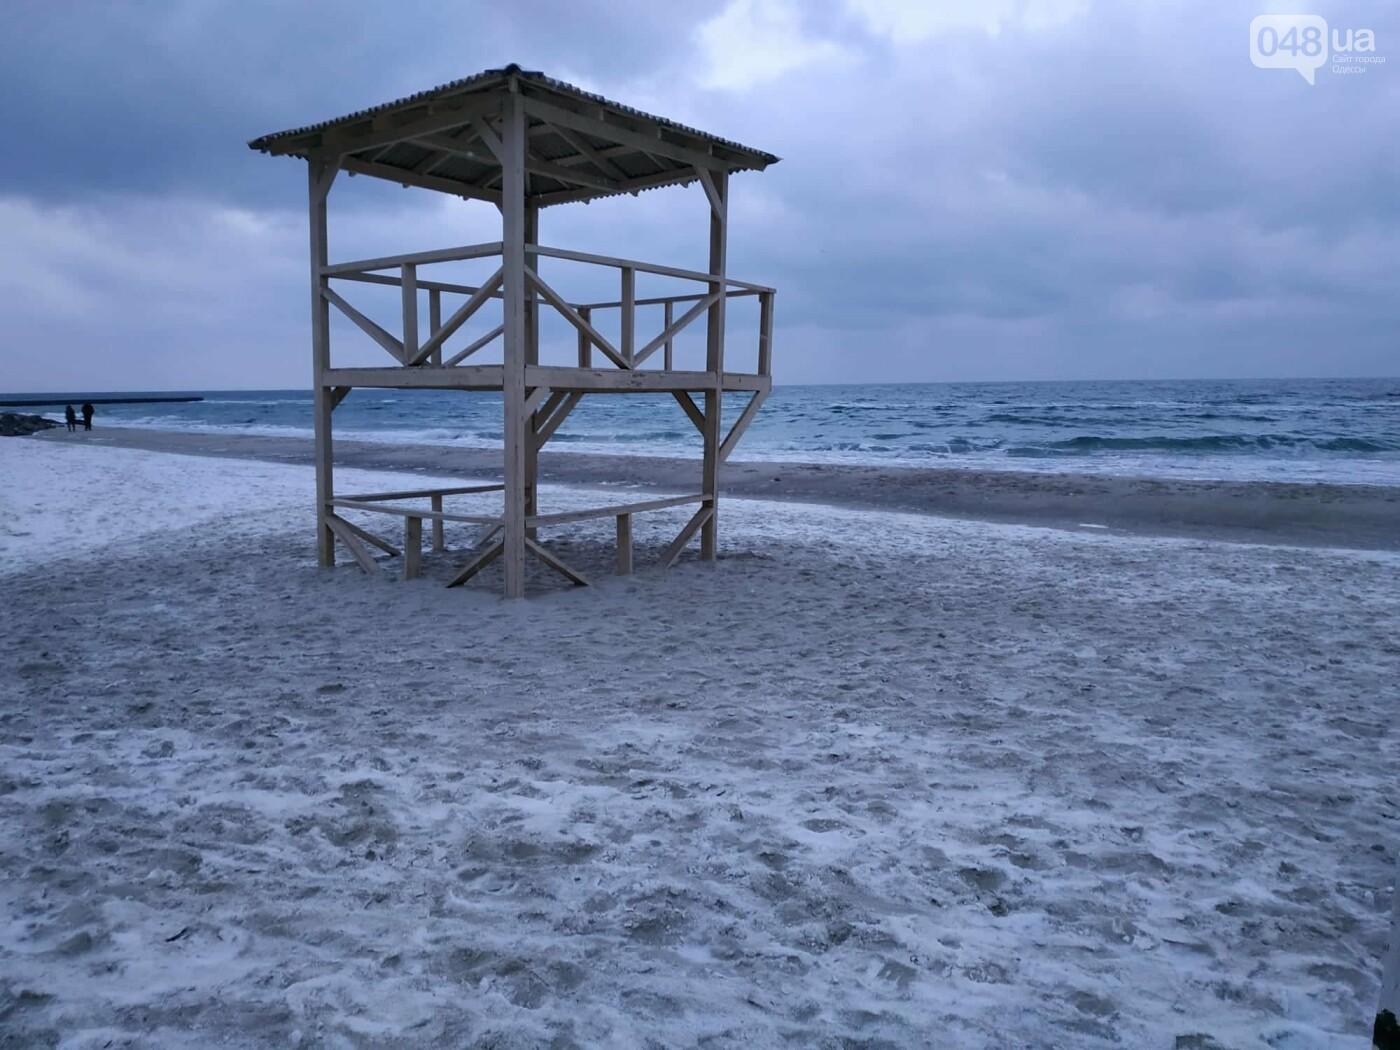 Заснеженные одесские пляжи вечером: вот где стоит прогуляться, - ФОТО, фото-15